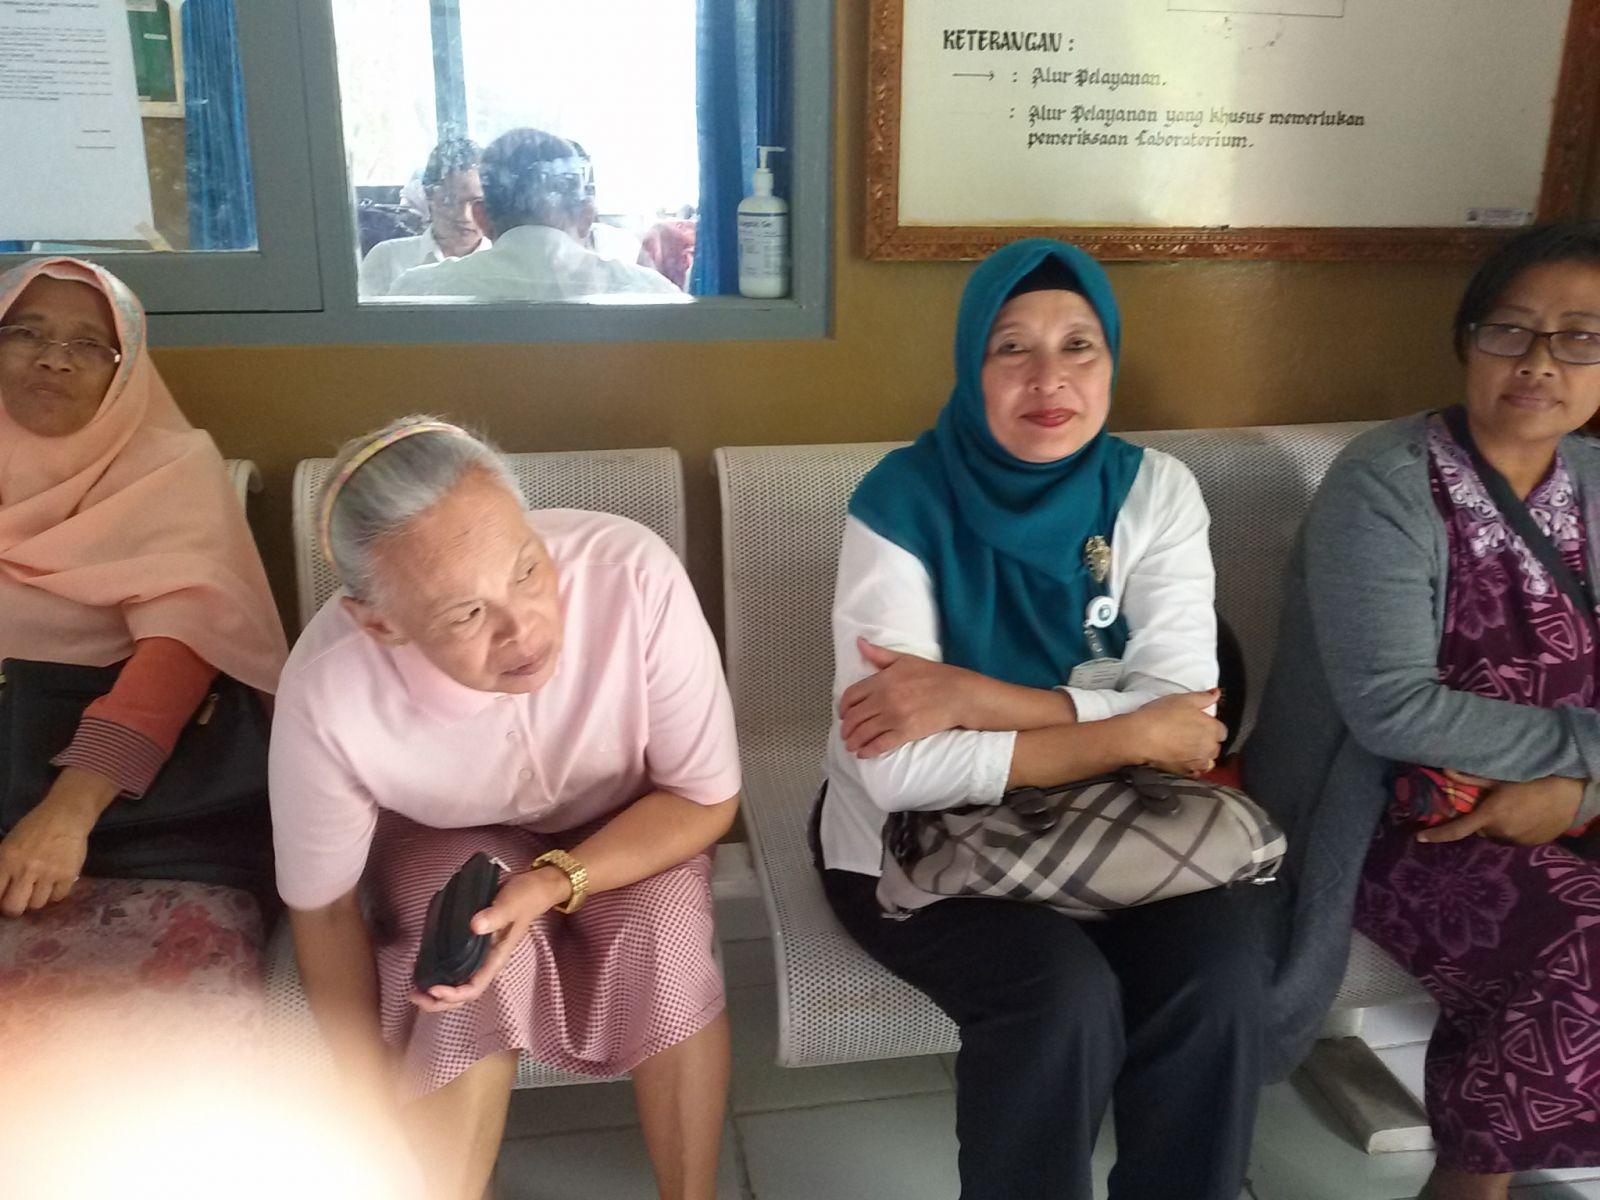 Pemeriksaan IVA bagi ibu ibu 'Aisyiyah berhasil digelar sukses tanggal 5 Juli 2017